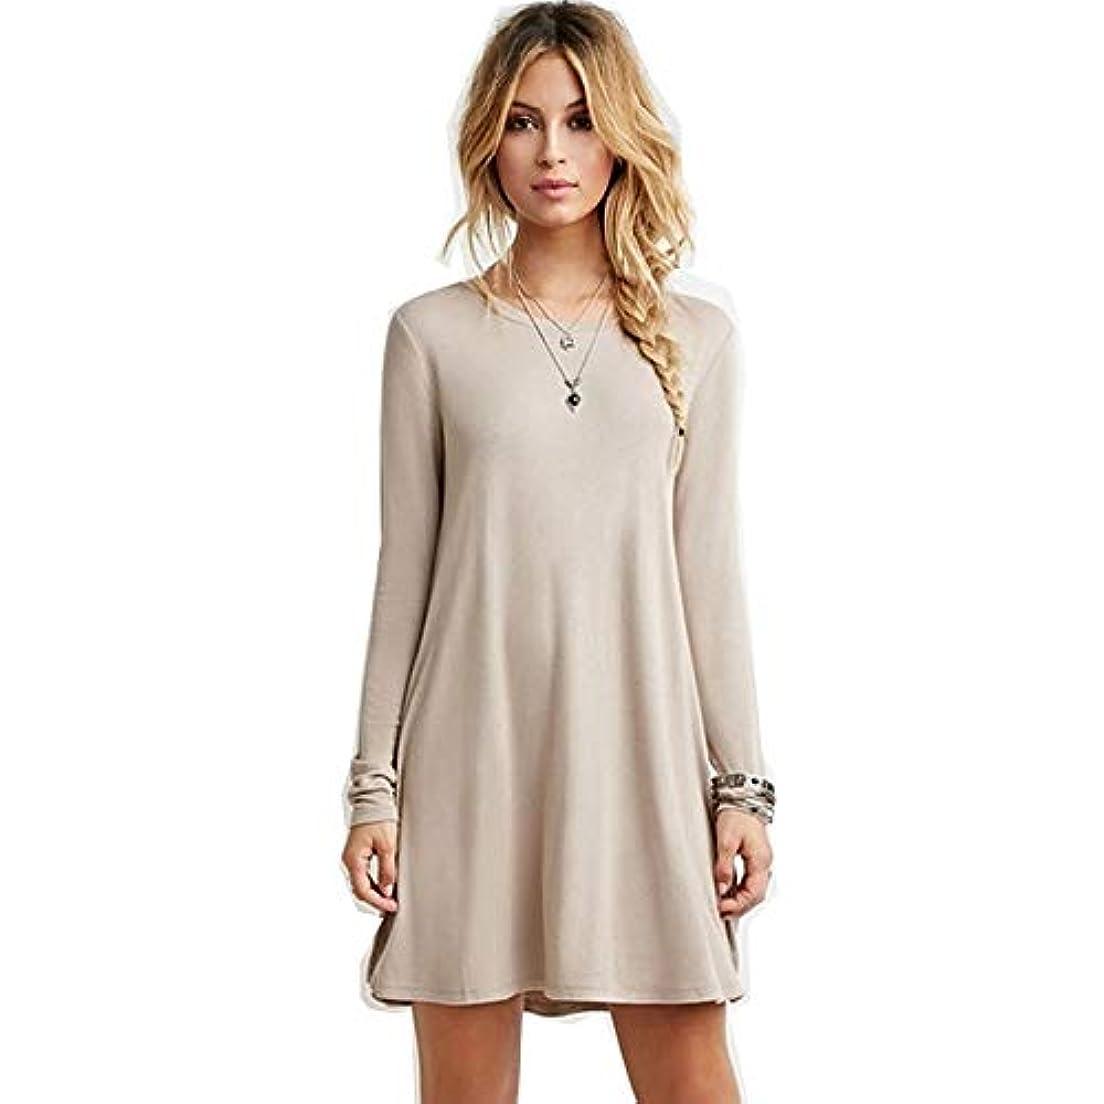 魂扇動する変換MIFANルースドレス、プラスサイズのドレス、長袖のドレス、女性のドレス、秋のドレス、マキシドレス、コットンドレス